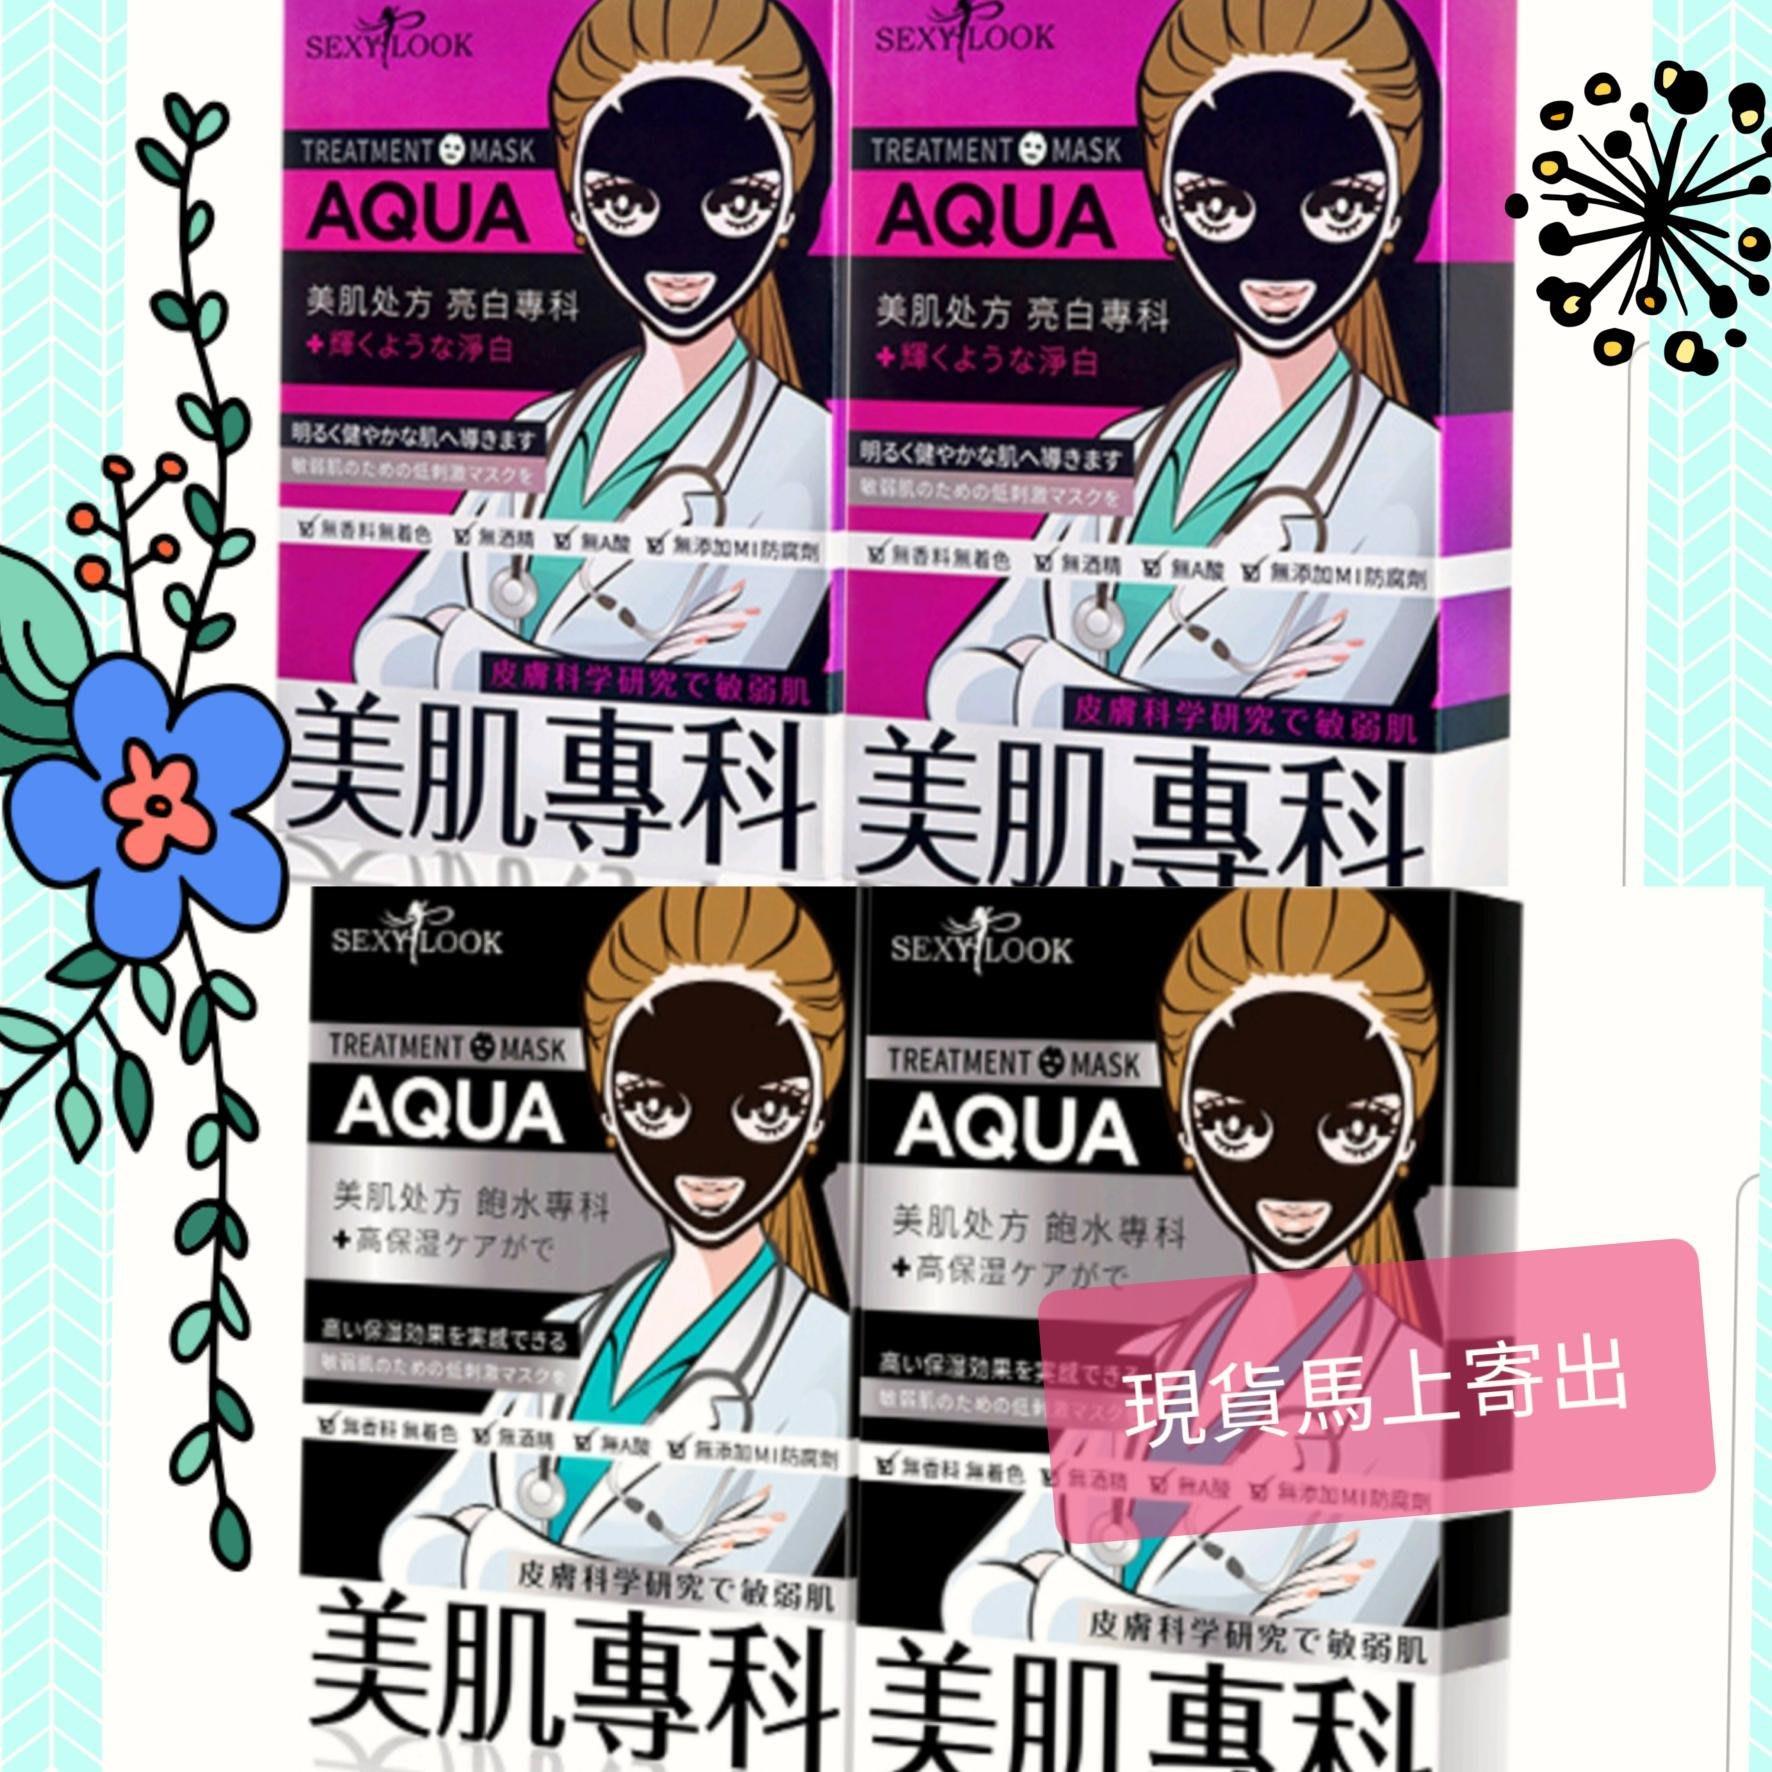 (現貨馬上寄出)【SEXYLOOK】美肌專科亮白黑面膜(4入/盒)/美肌專科水光針飽水黑面膜(4入/盒)